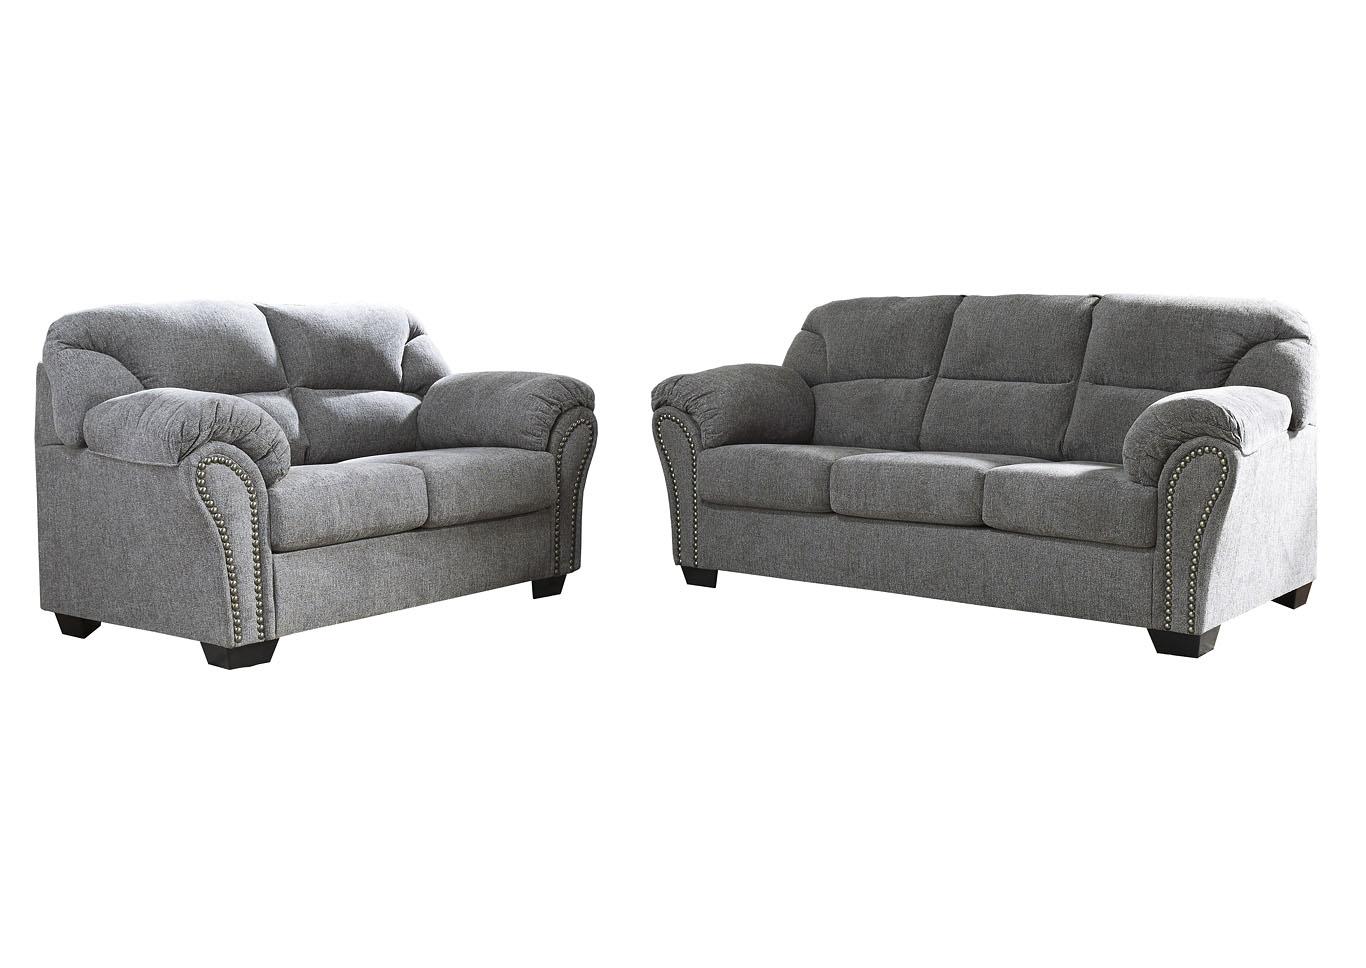 Allmaxx Sofa and Loveseat